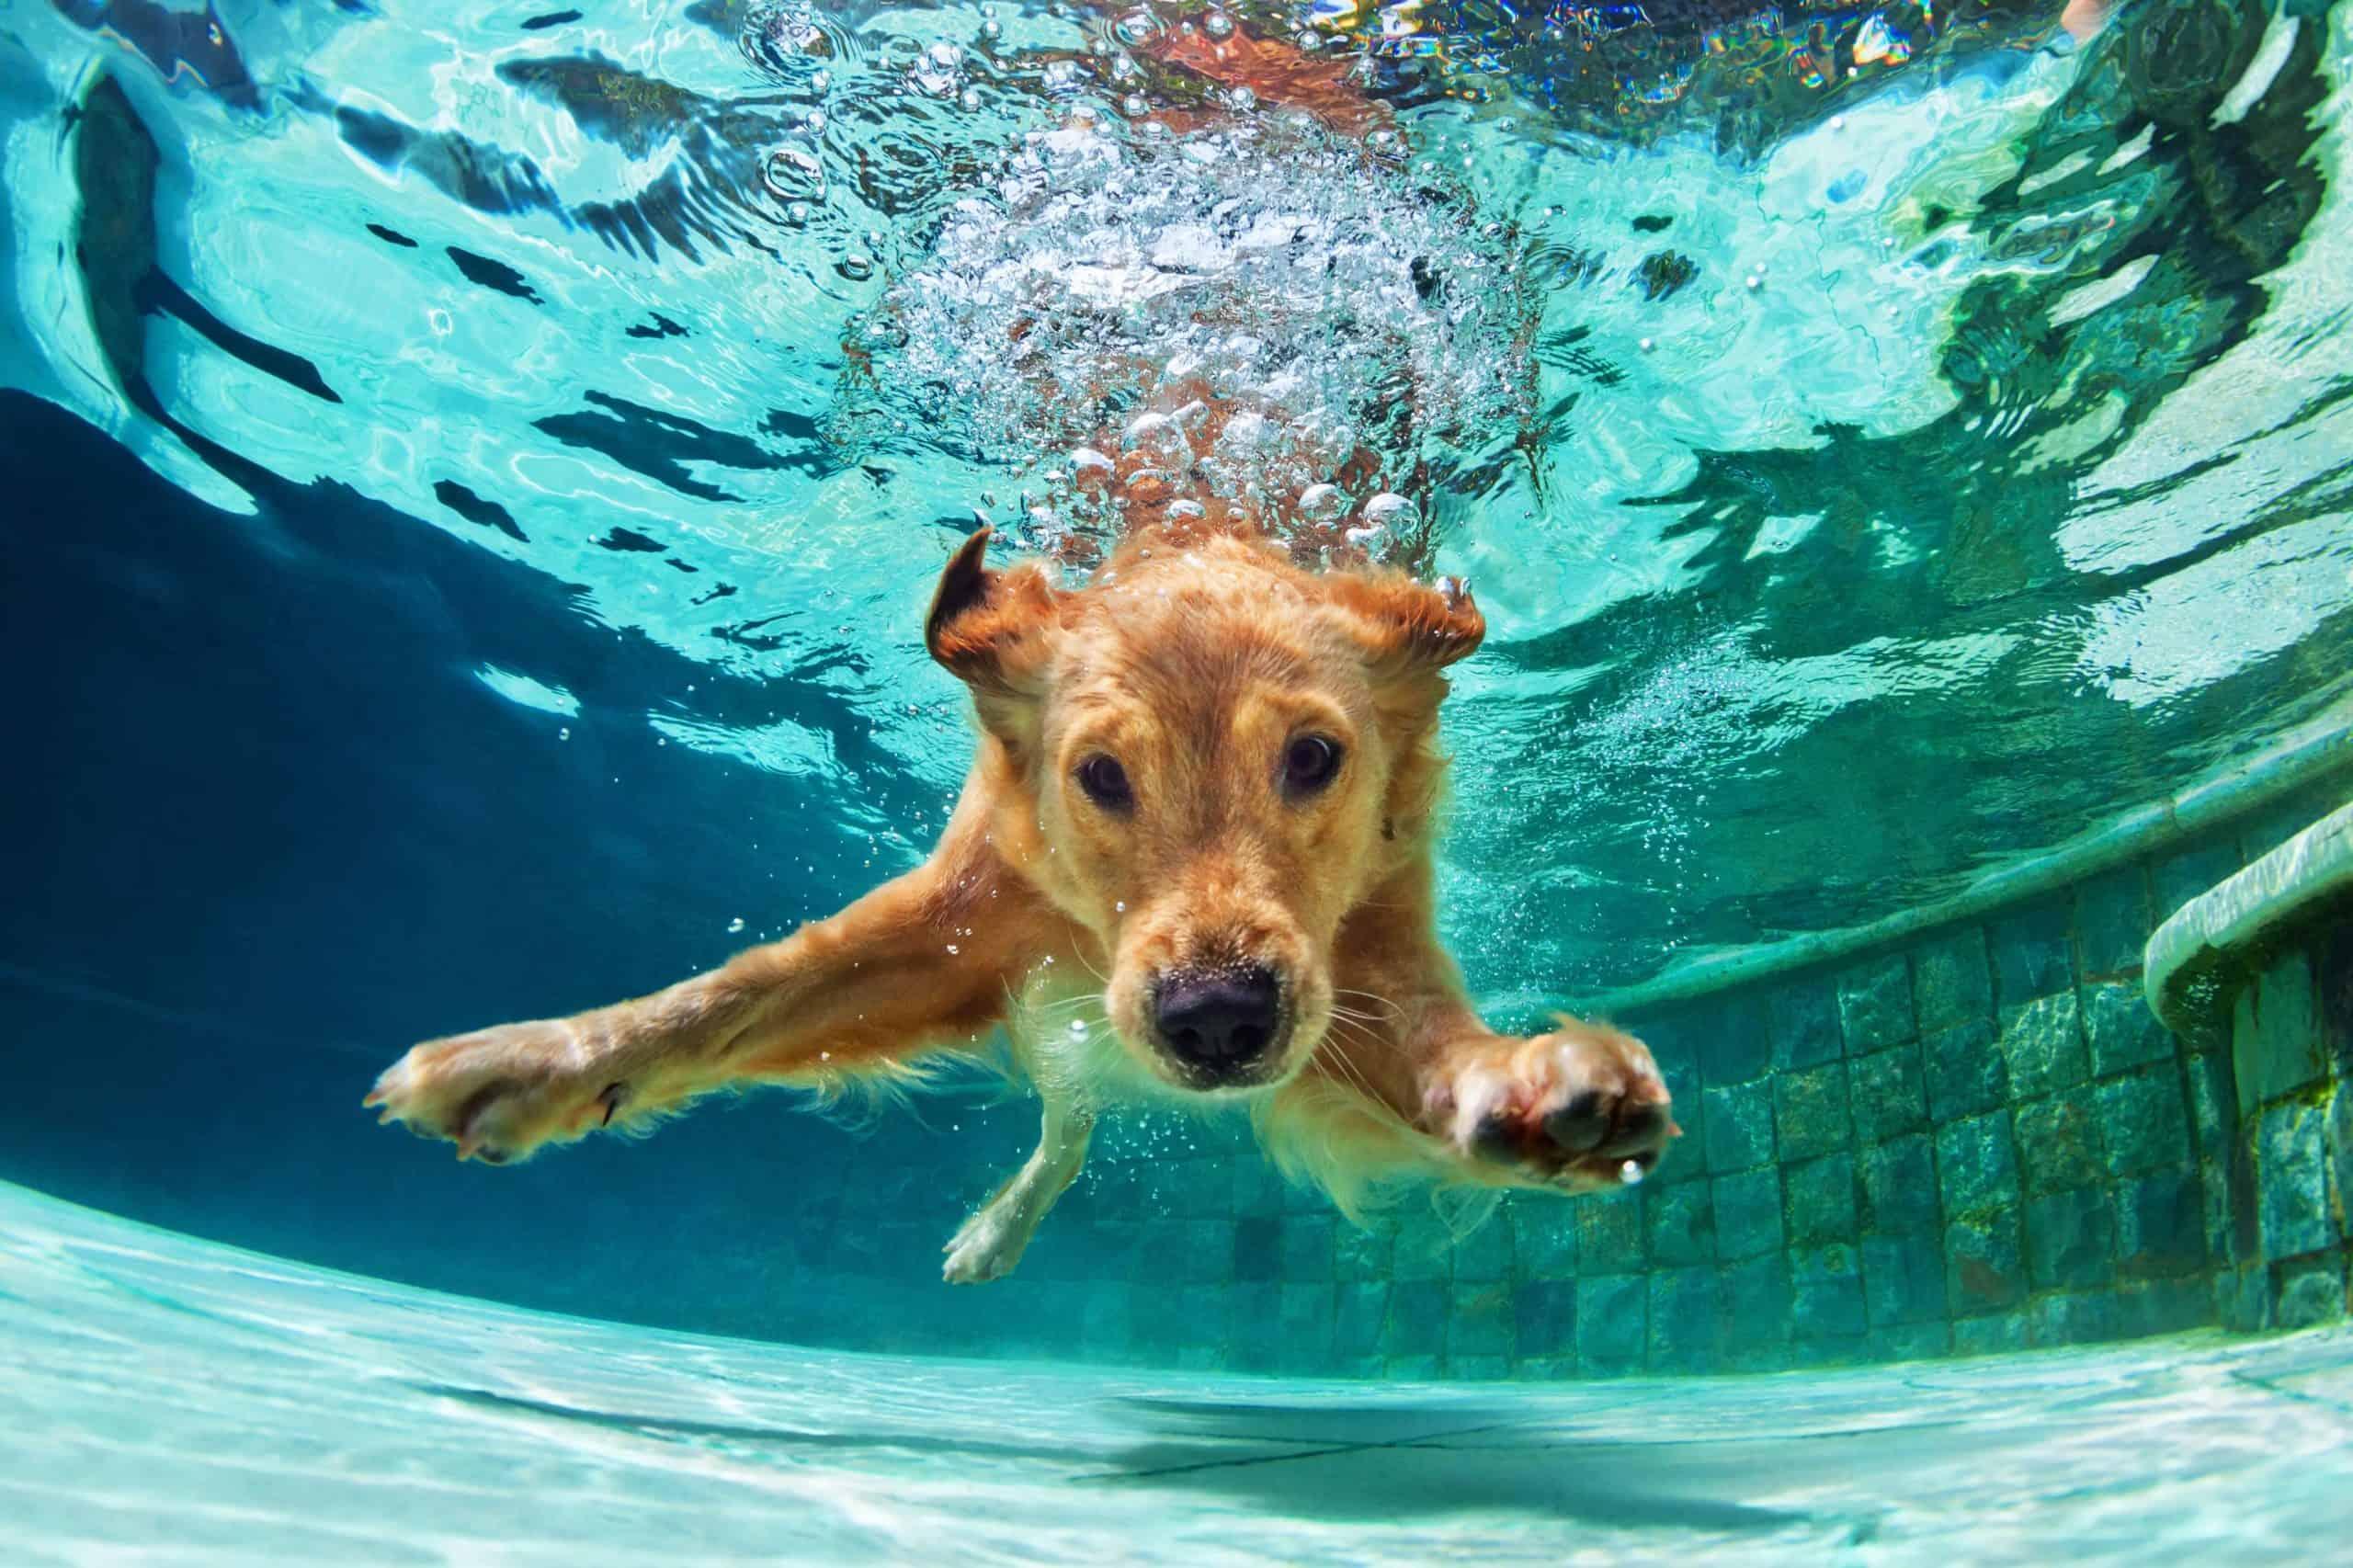 Labrador retriever swims underwater.